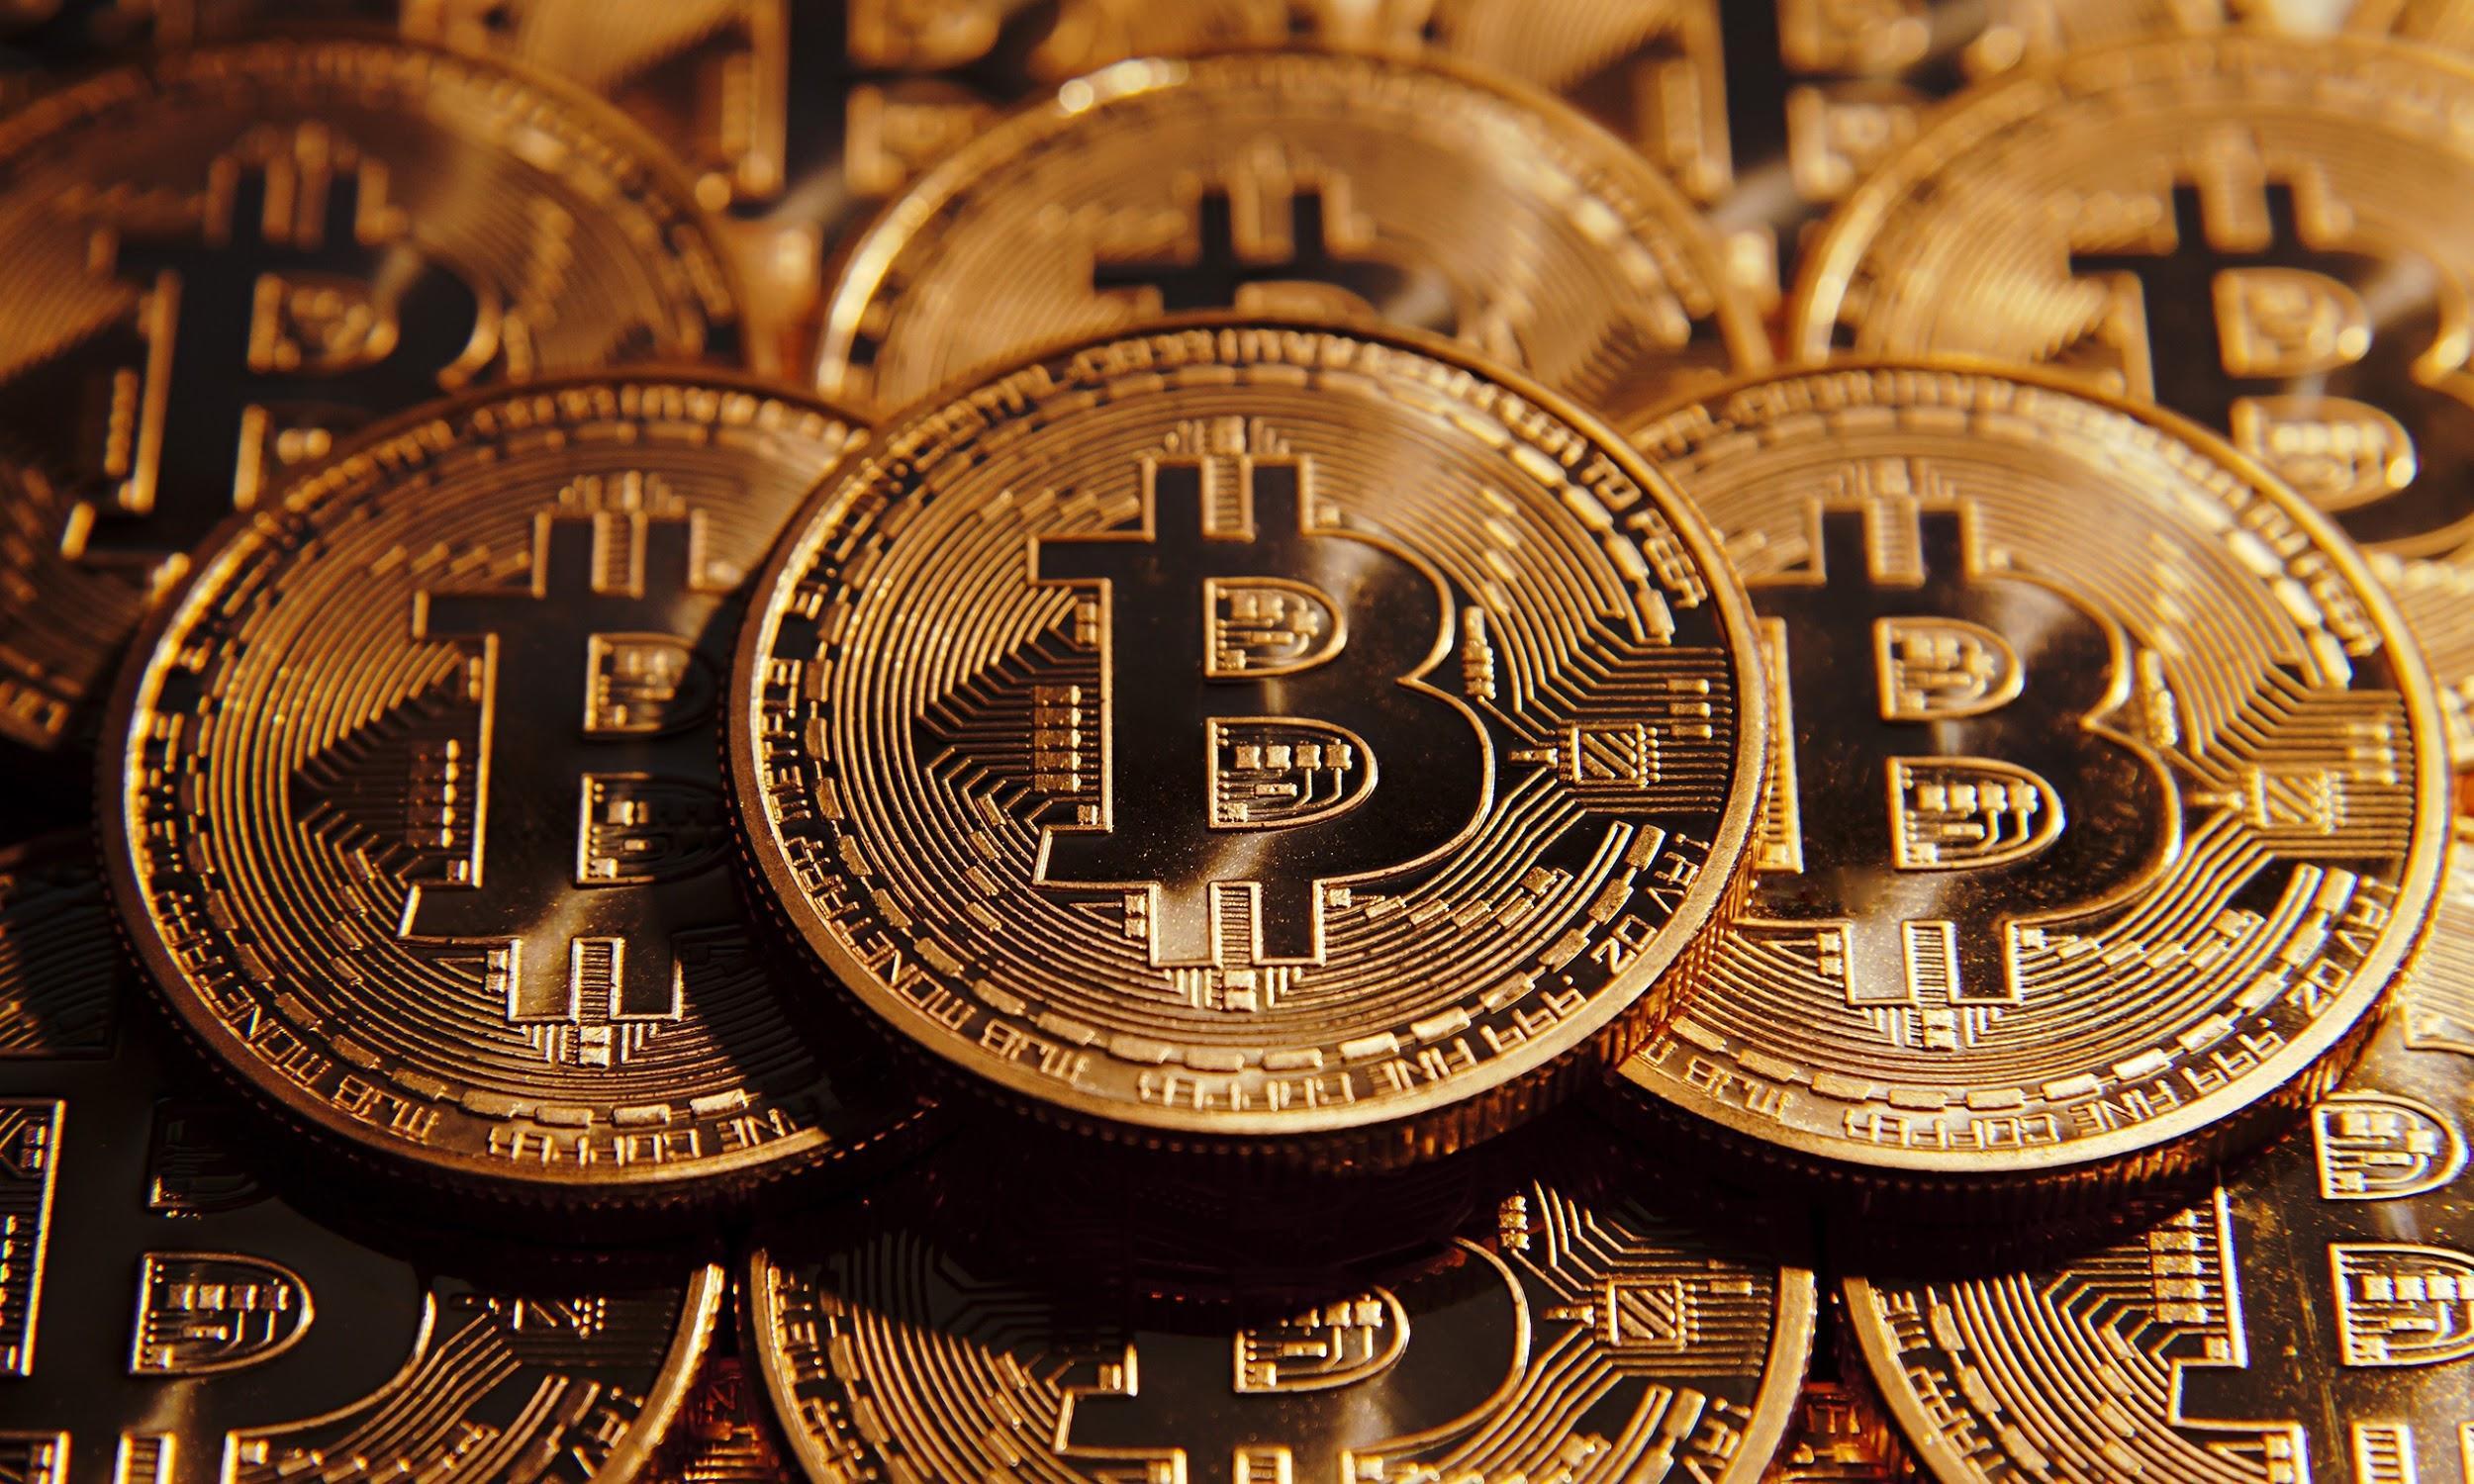 mercati btc aggiunta di più monete